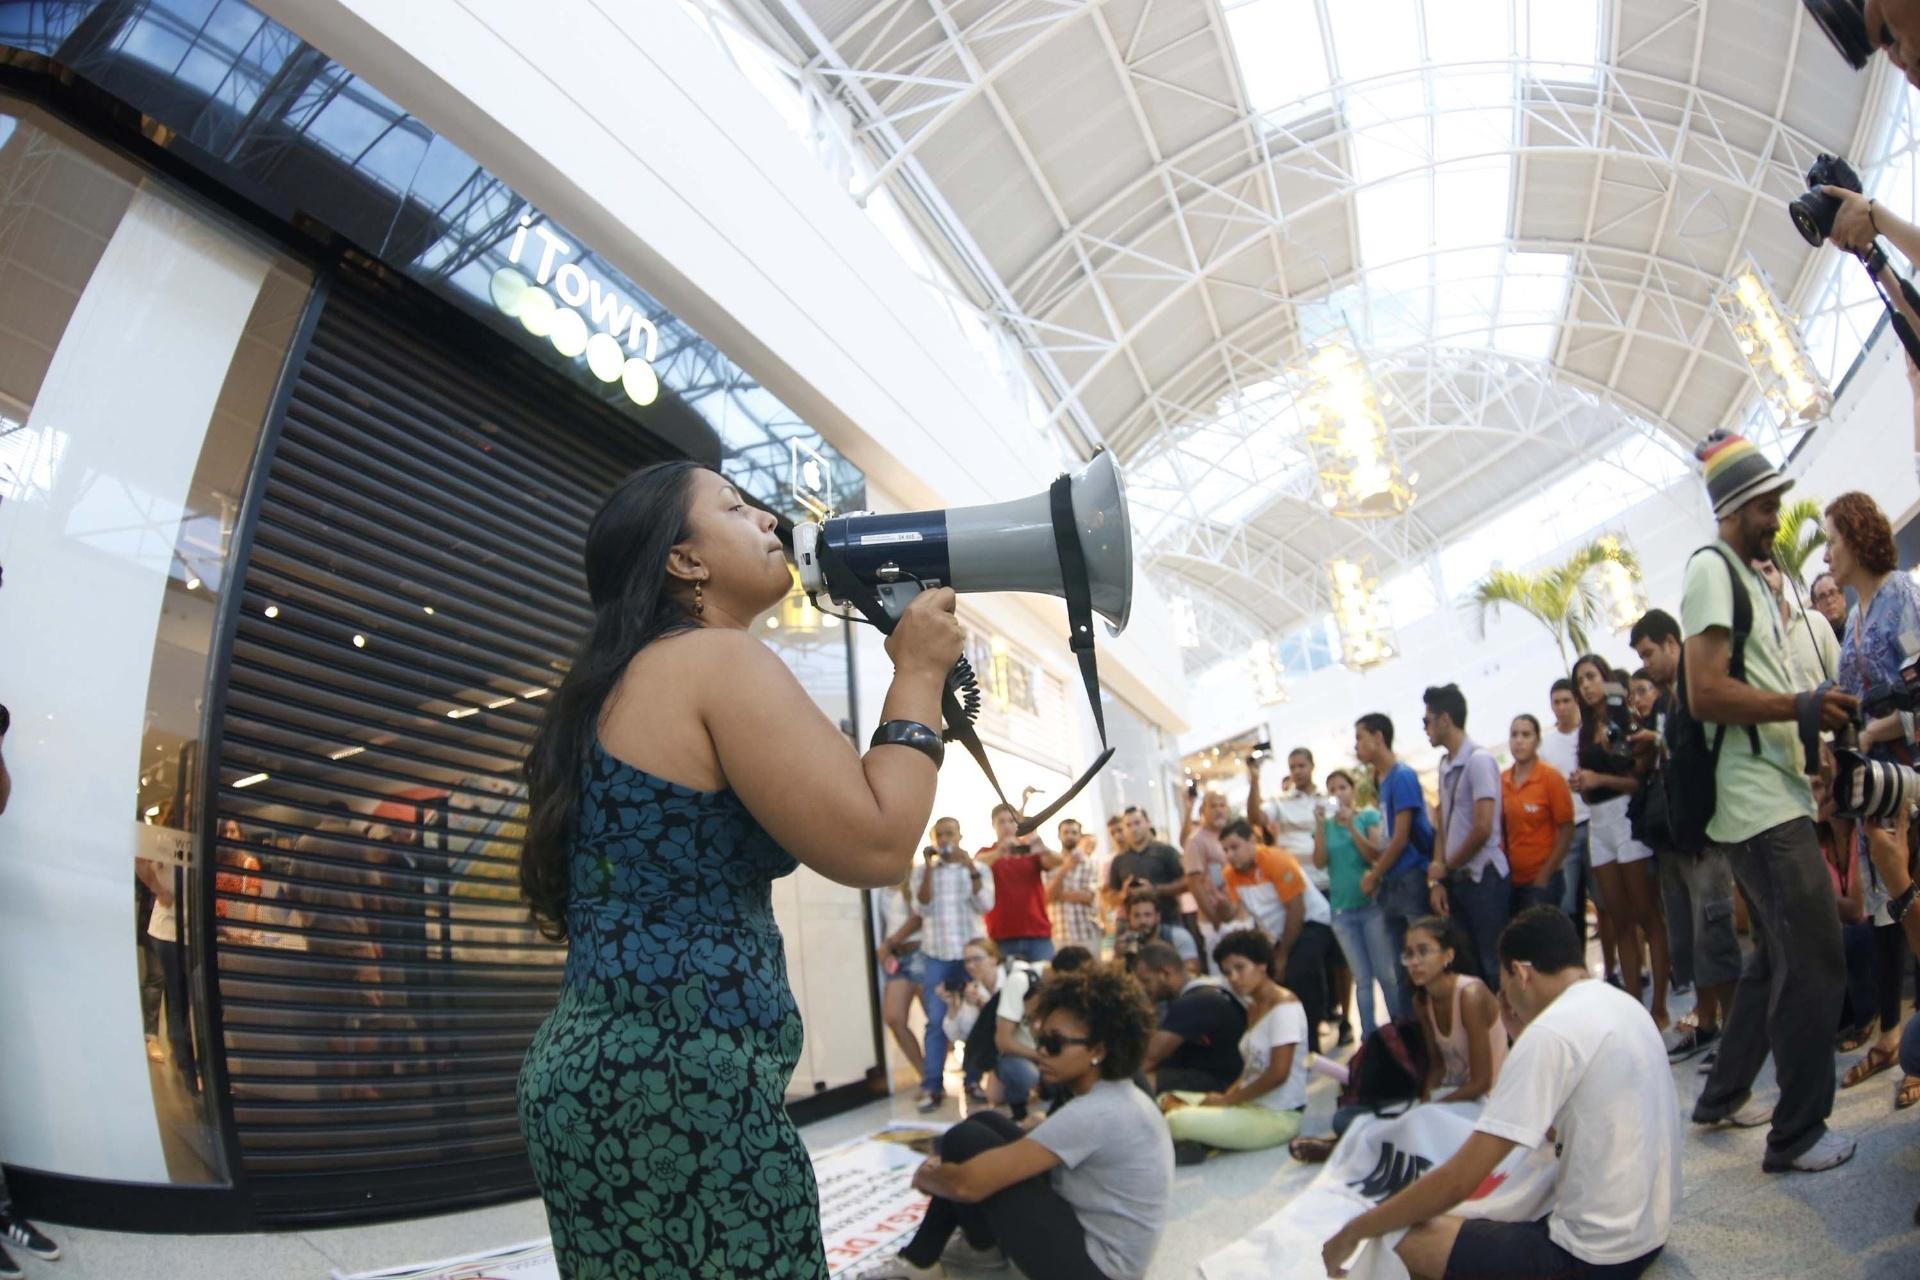 25.jan.2014 - Jovens promovem 'rolezinho' no shopping Rio Mar, no Recife, neste sábado (25). Em Brasília, o Shopping Iguatemi decidiu não abrir as portas. Ao menos 30 pessoas compareceram ao local-- sendo que na internet--, mais de 3.000  confirmaram presença no evento